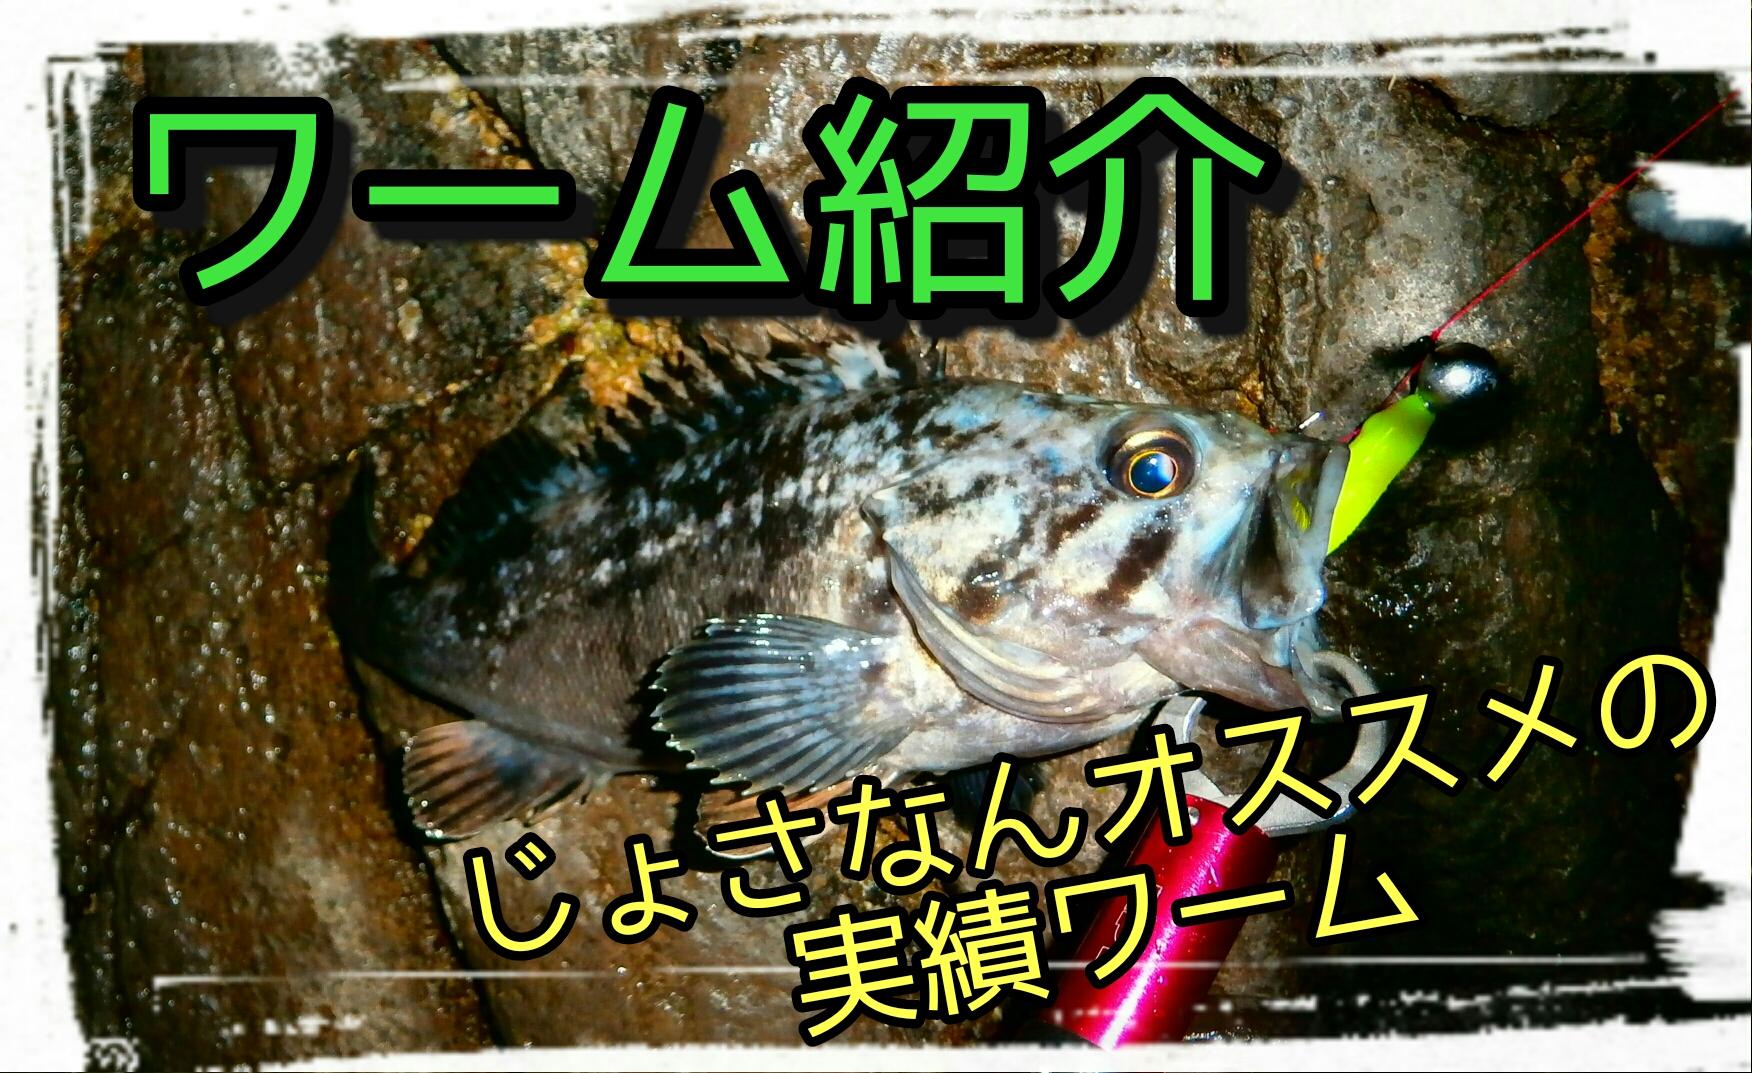 2017年に北海道で釣れた実績ワームを紹介します。【ロックフィッシング】